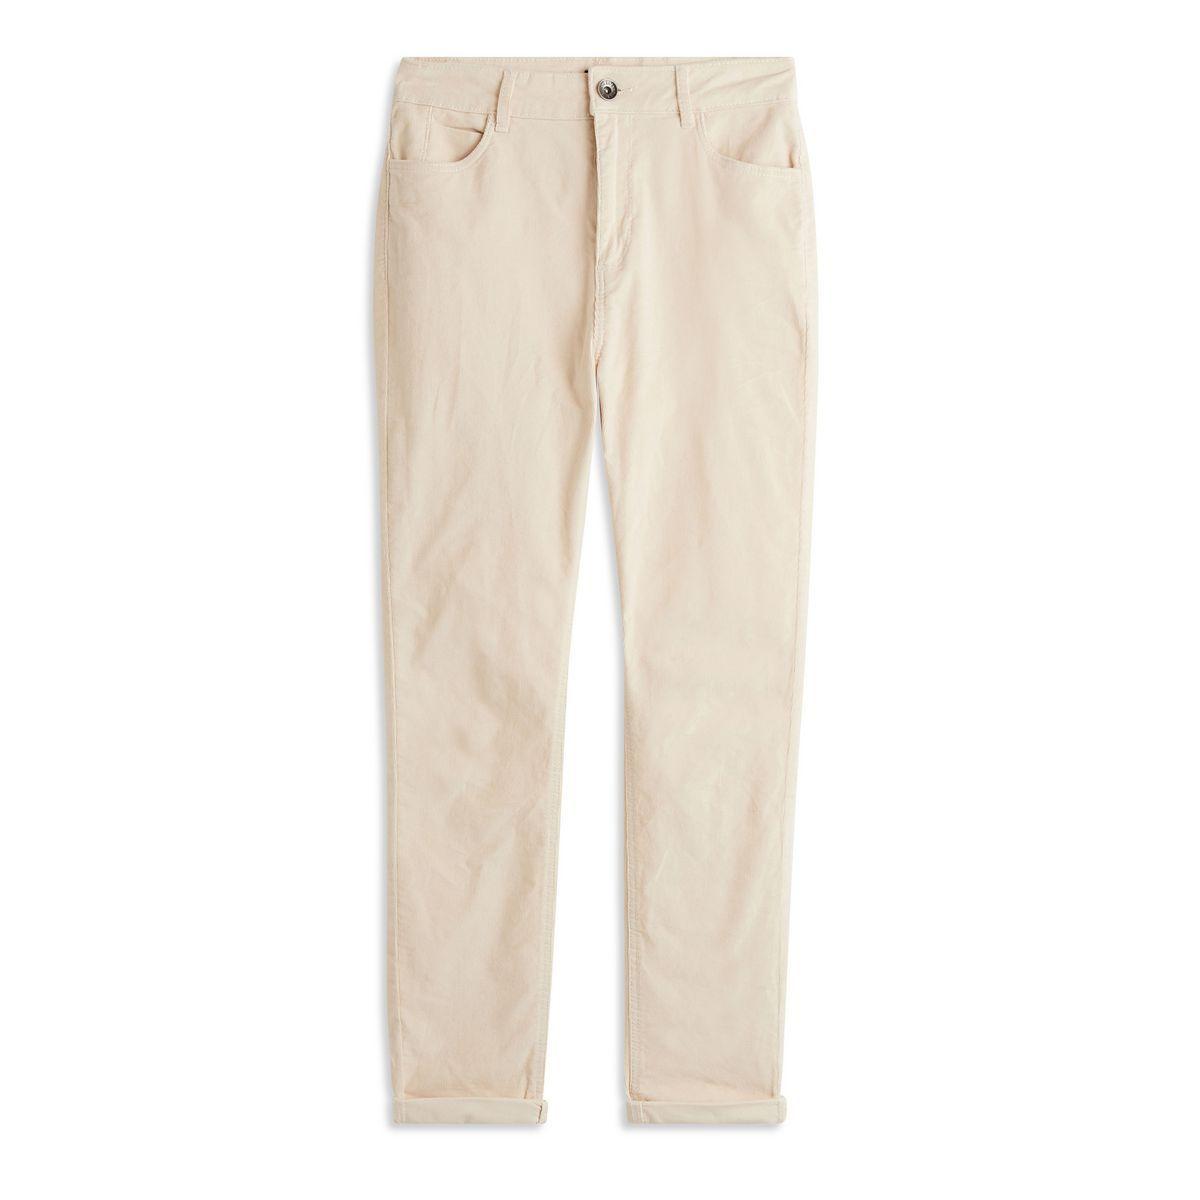 Pantalon femmes in extenso offre à 12,99€